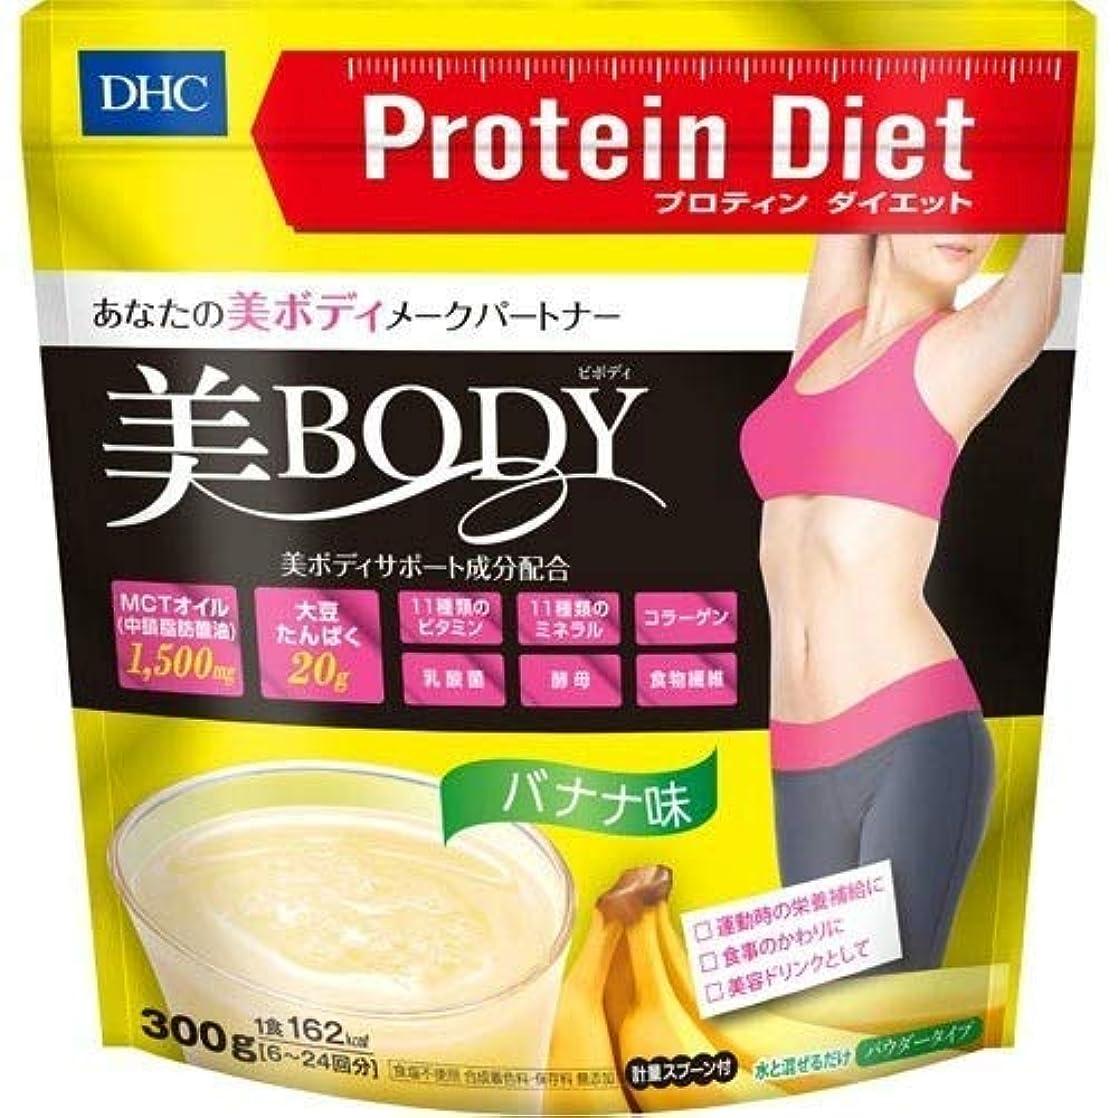 アルプス放棄する汚染するDHC プロテインダイエット 美Body バナナ味 300g × 48個セット